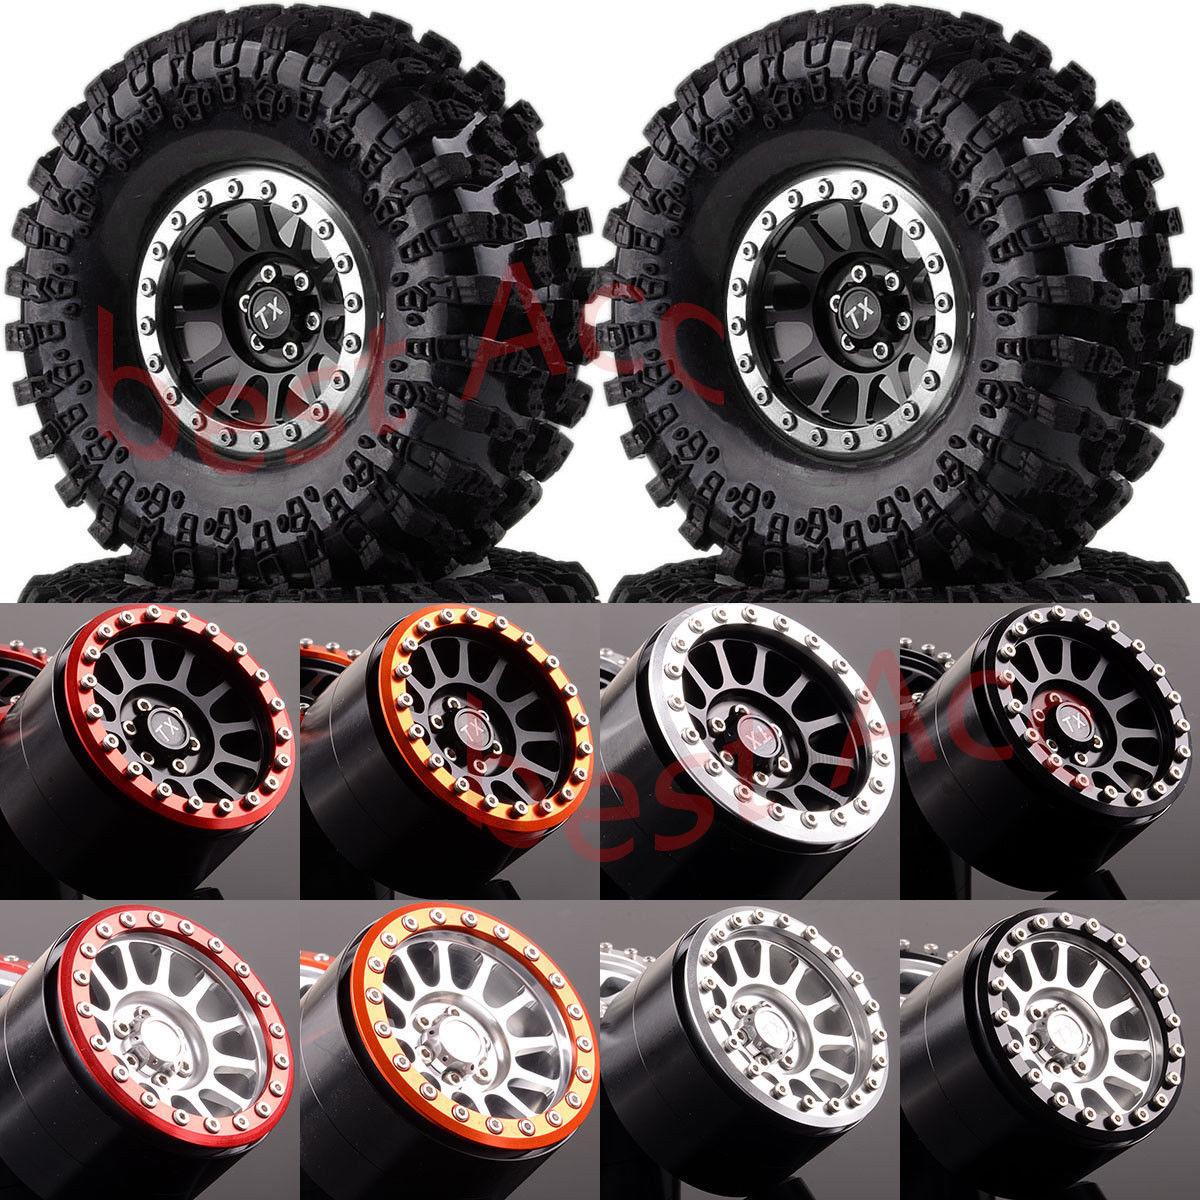 2022-3021 1/10 4 P di Alluminio 2.2 Ruote Beadlock Rim e PNEUMATICI Per RC Rock Crawler2022-3021 1/10 4 P di Alluminio 2.2 Ruote Beadlock Rim e PNEUMATICI Per RC Rock Crawler